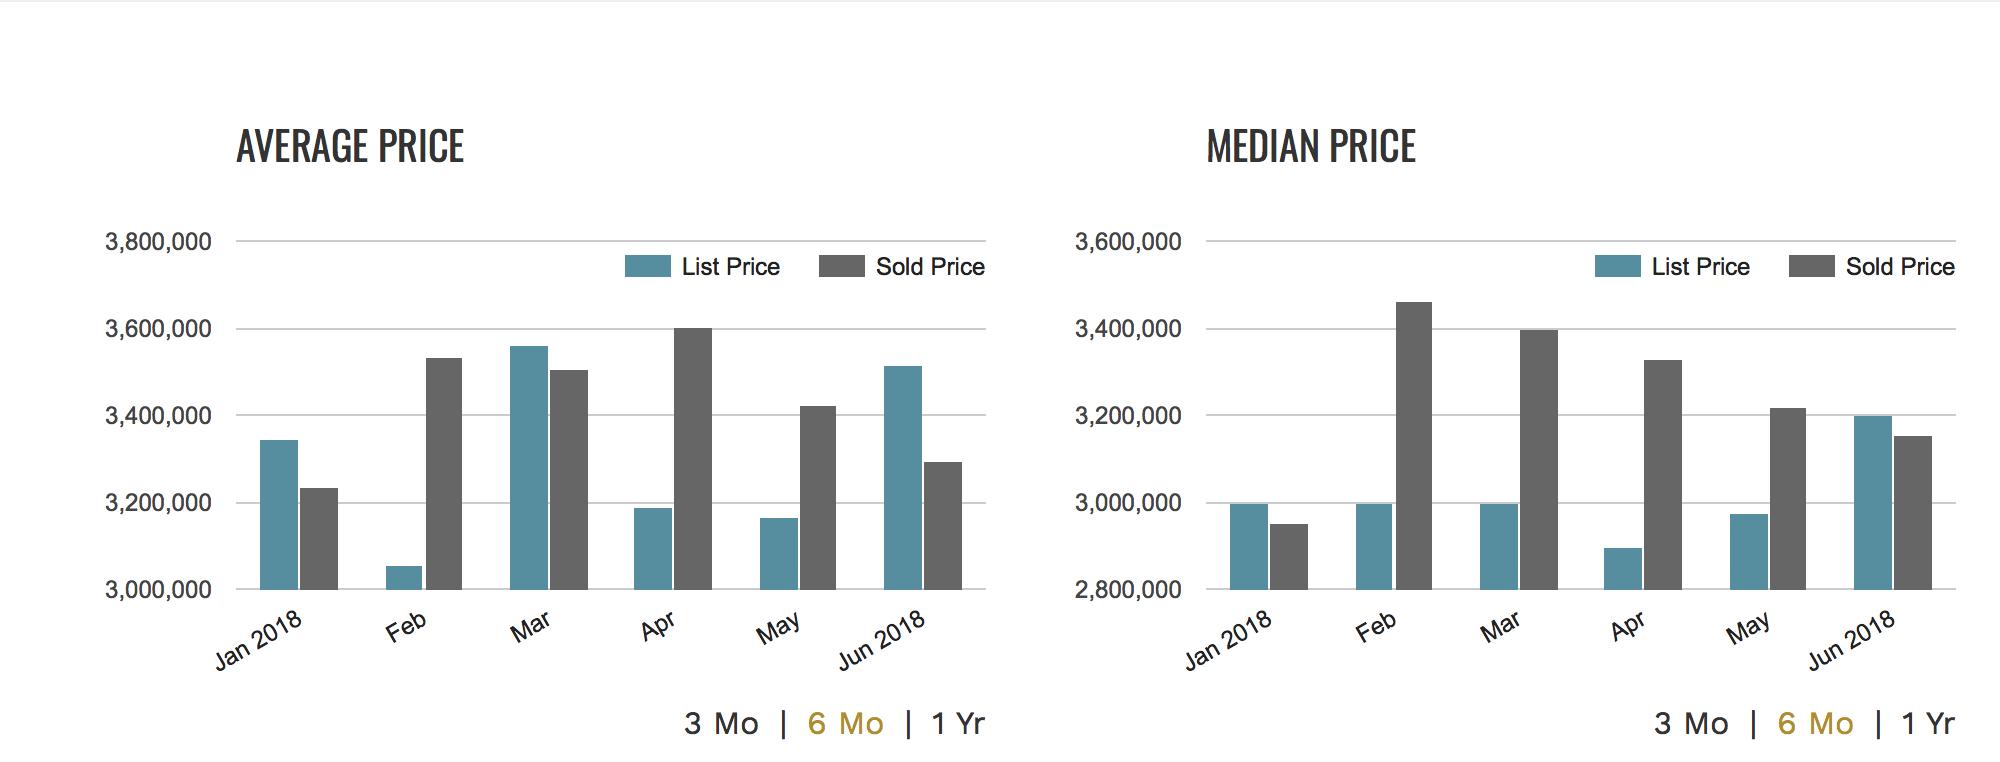 Alain Pinel Realtors Market Report